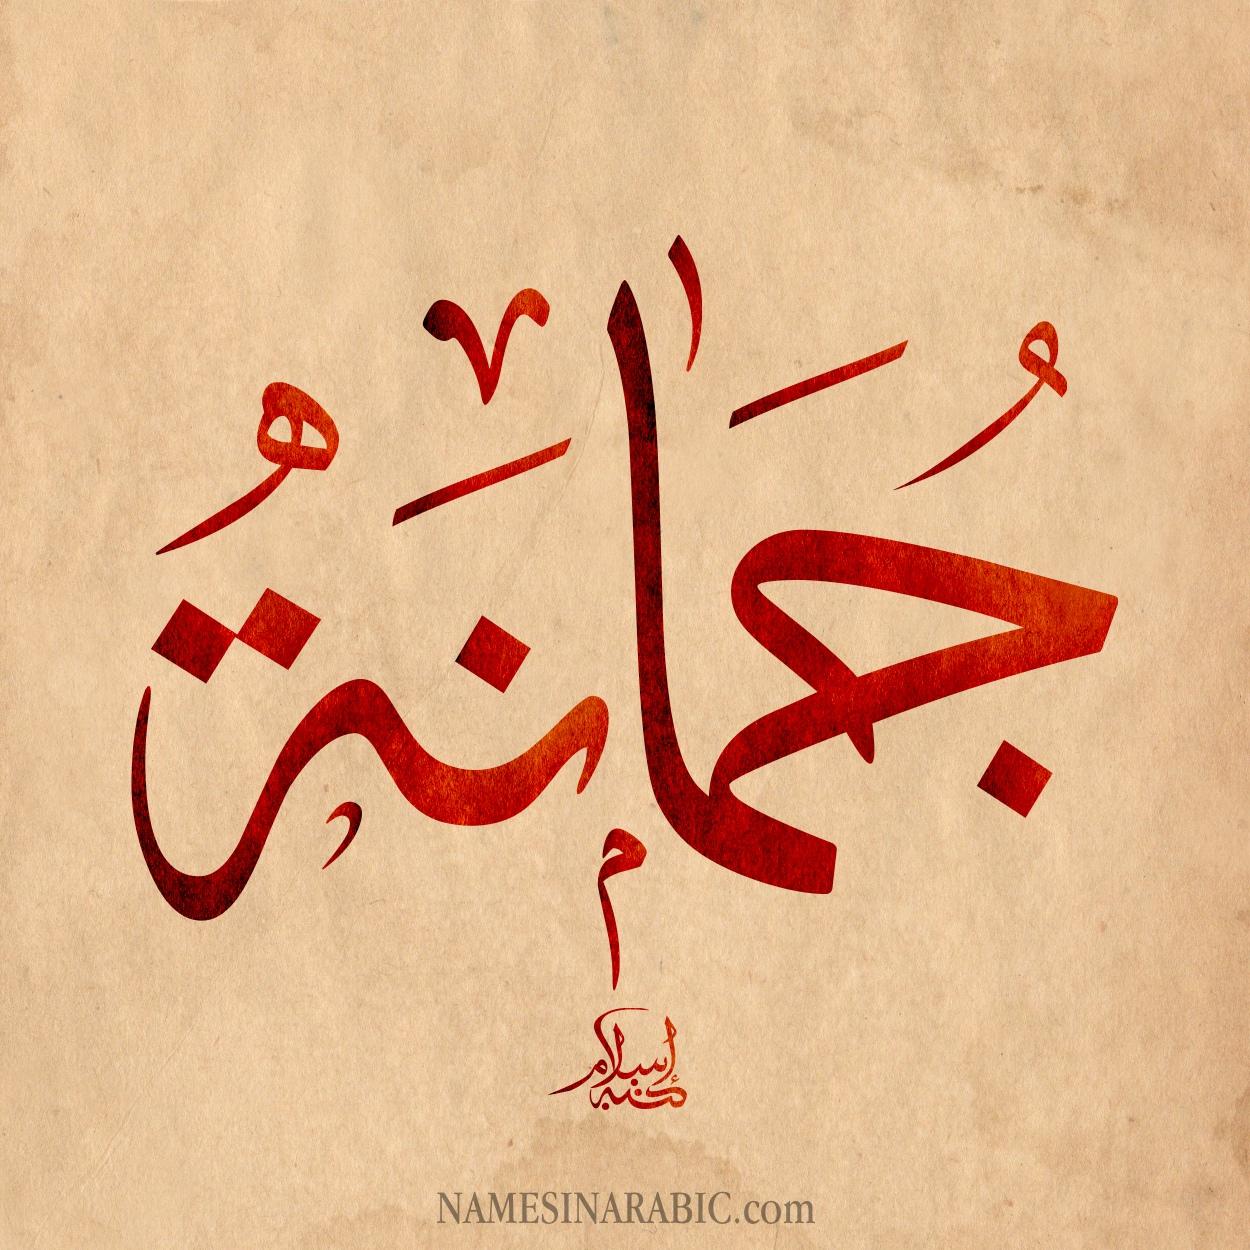 صورة اسم جمانة Jumana اسم جمانة بالخط العربي من موقع الأسماء بالخط العربي بريشة الفنان إسلام ابن الفضل